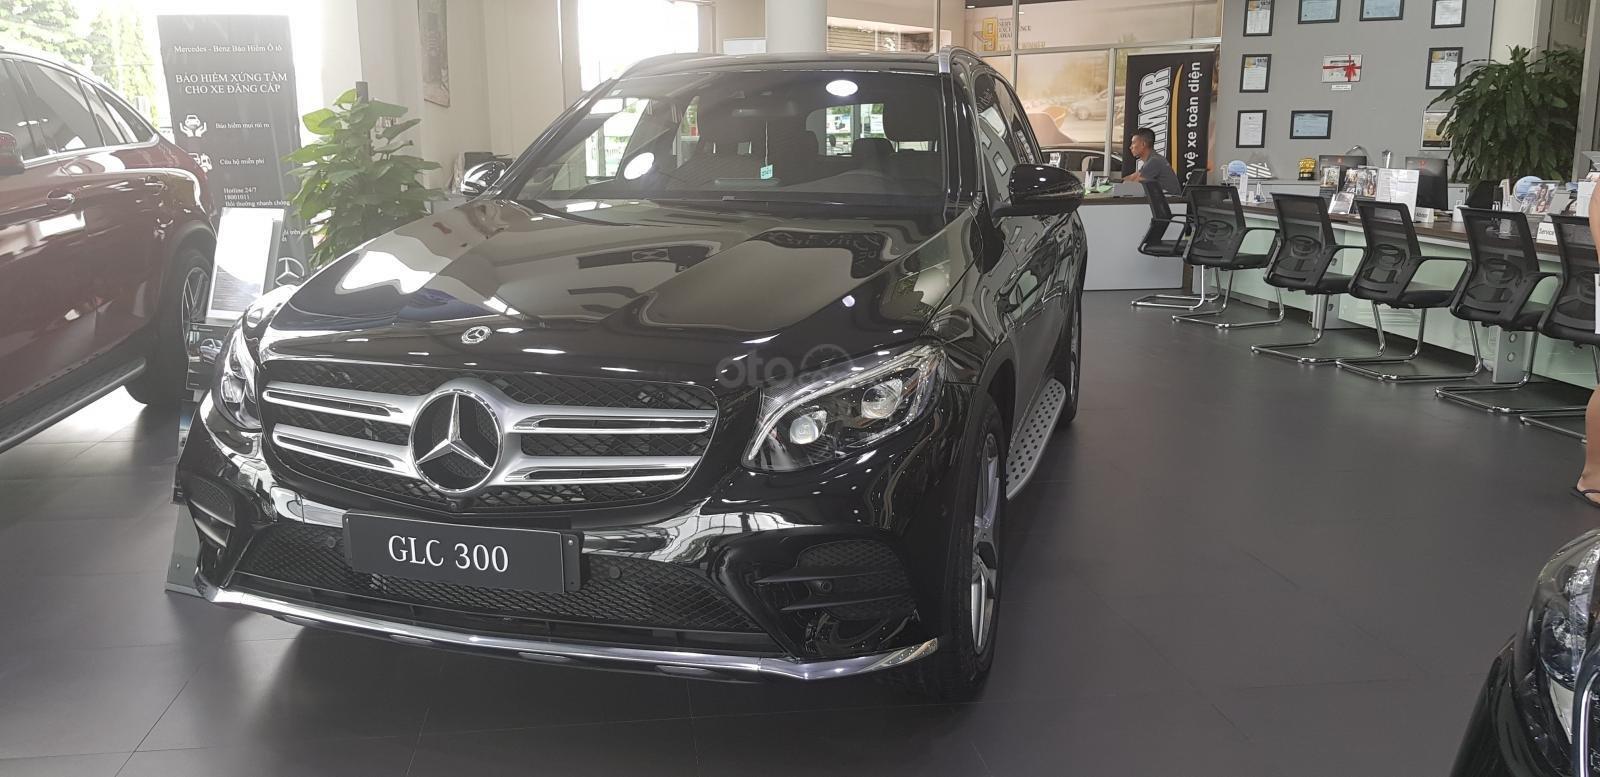 Bán GLC 300 AMG 4Matic - LH: 0984090648 để lái thử xe tại nhà (1)